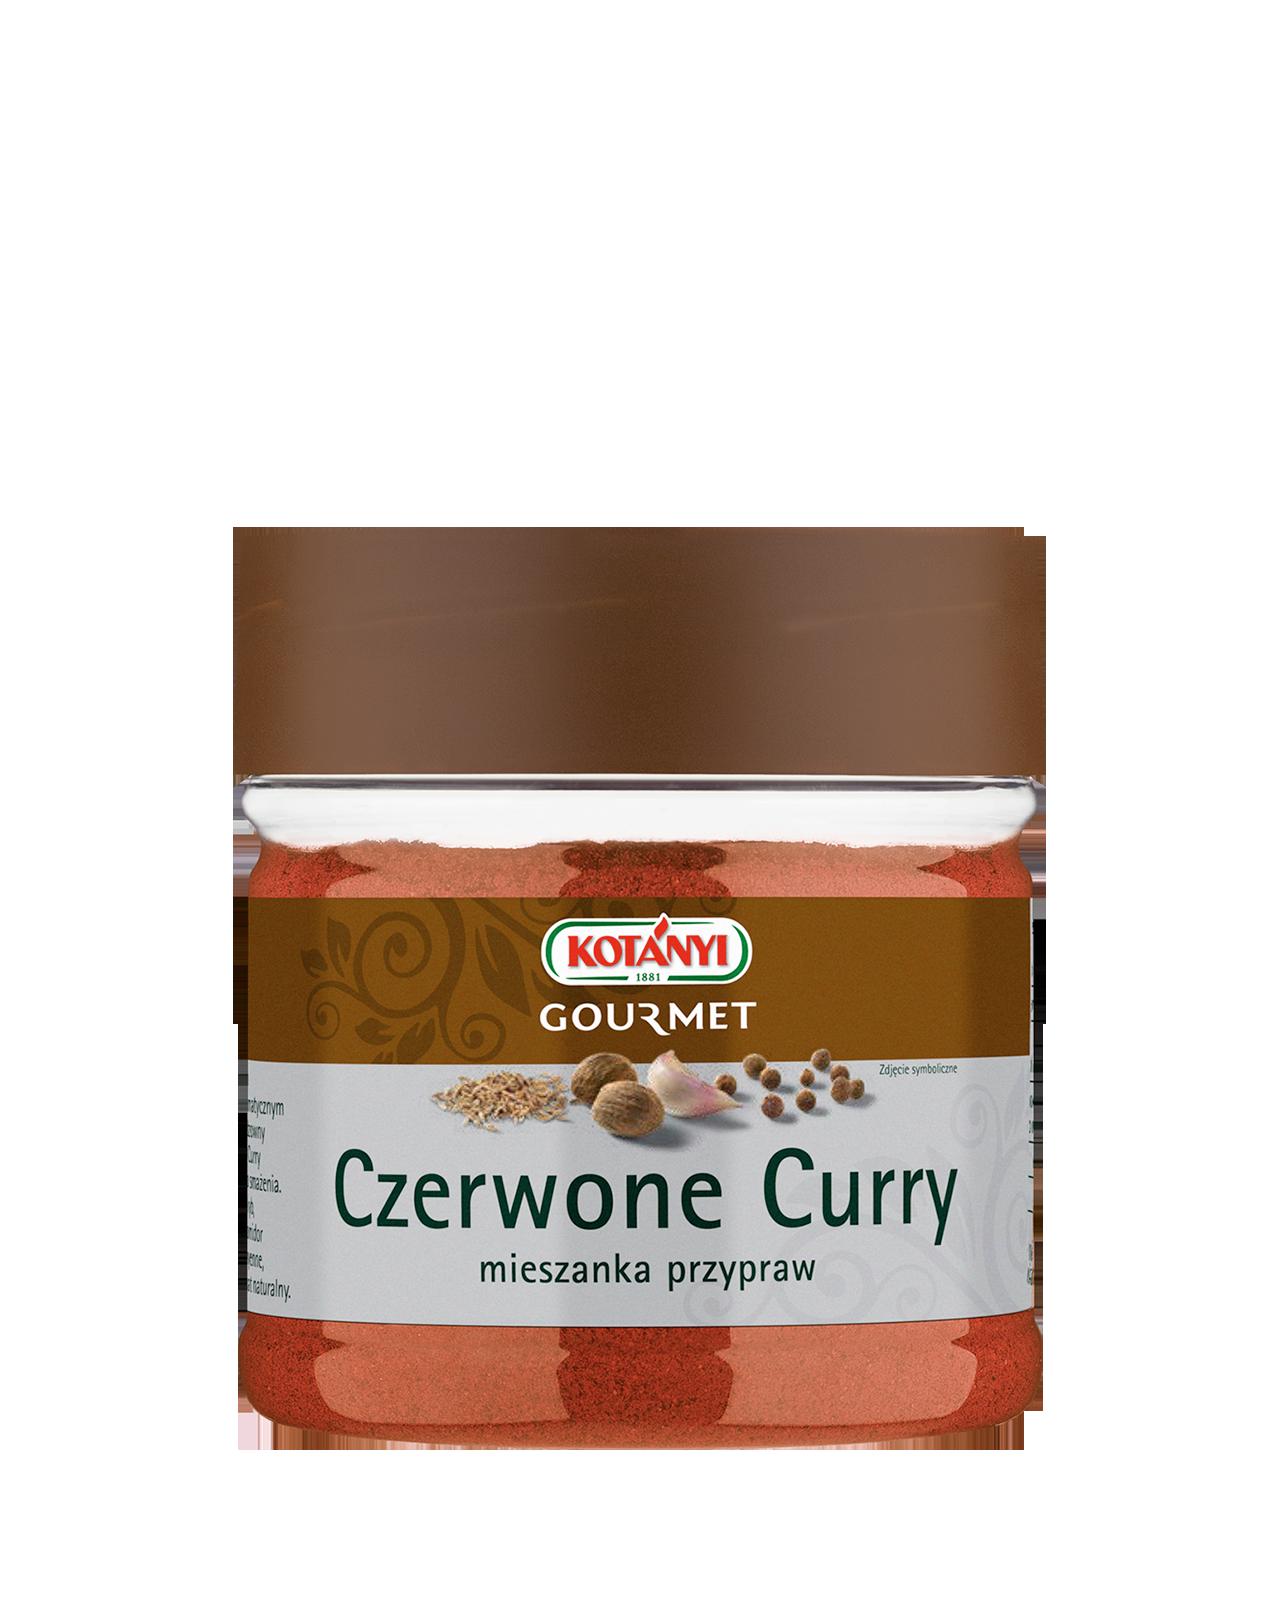 741804 Kotanyi Czerwone Curry Mieszanka Przypraw B2b Pet 400ml